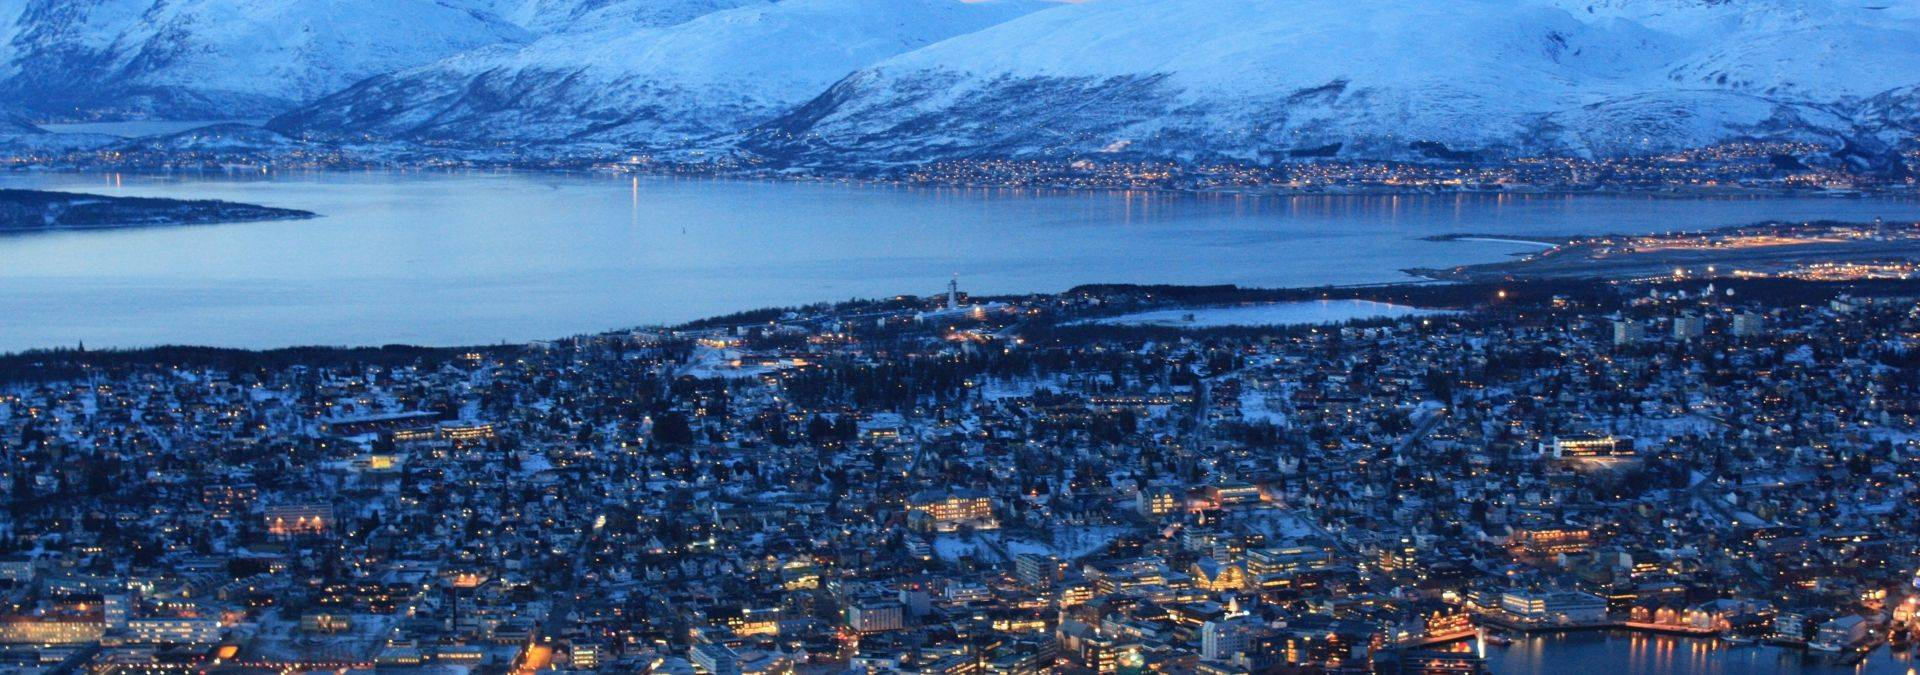 001893 Hanne Knudsen Www.Nordnorge.Com Tromsoe